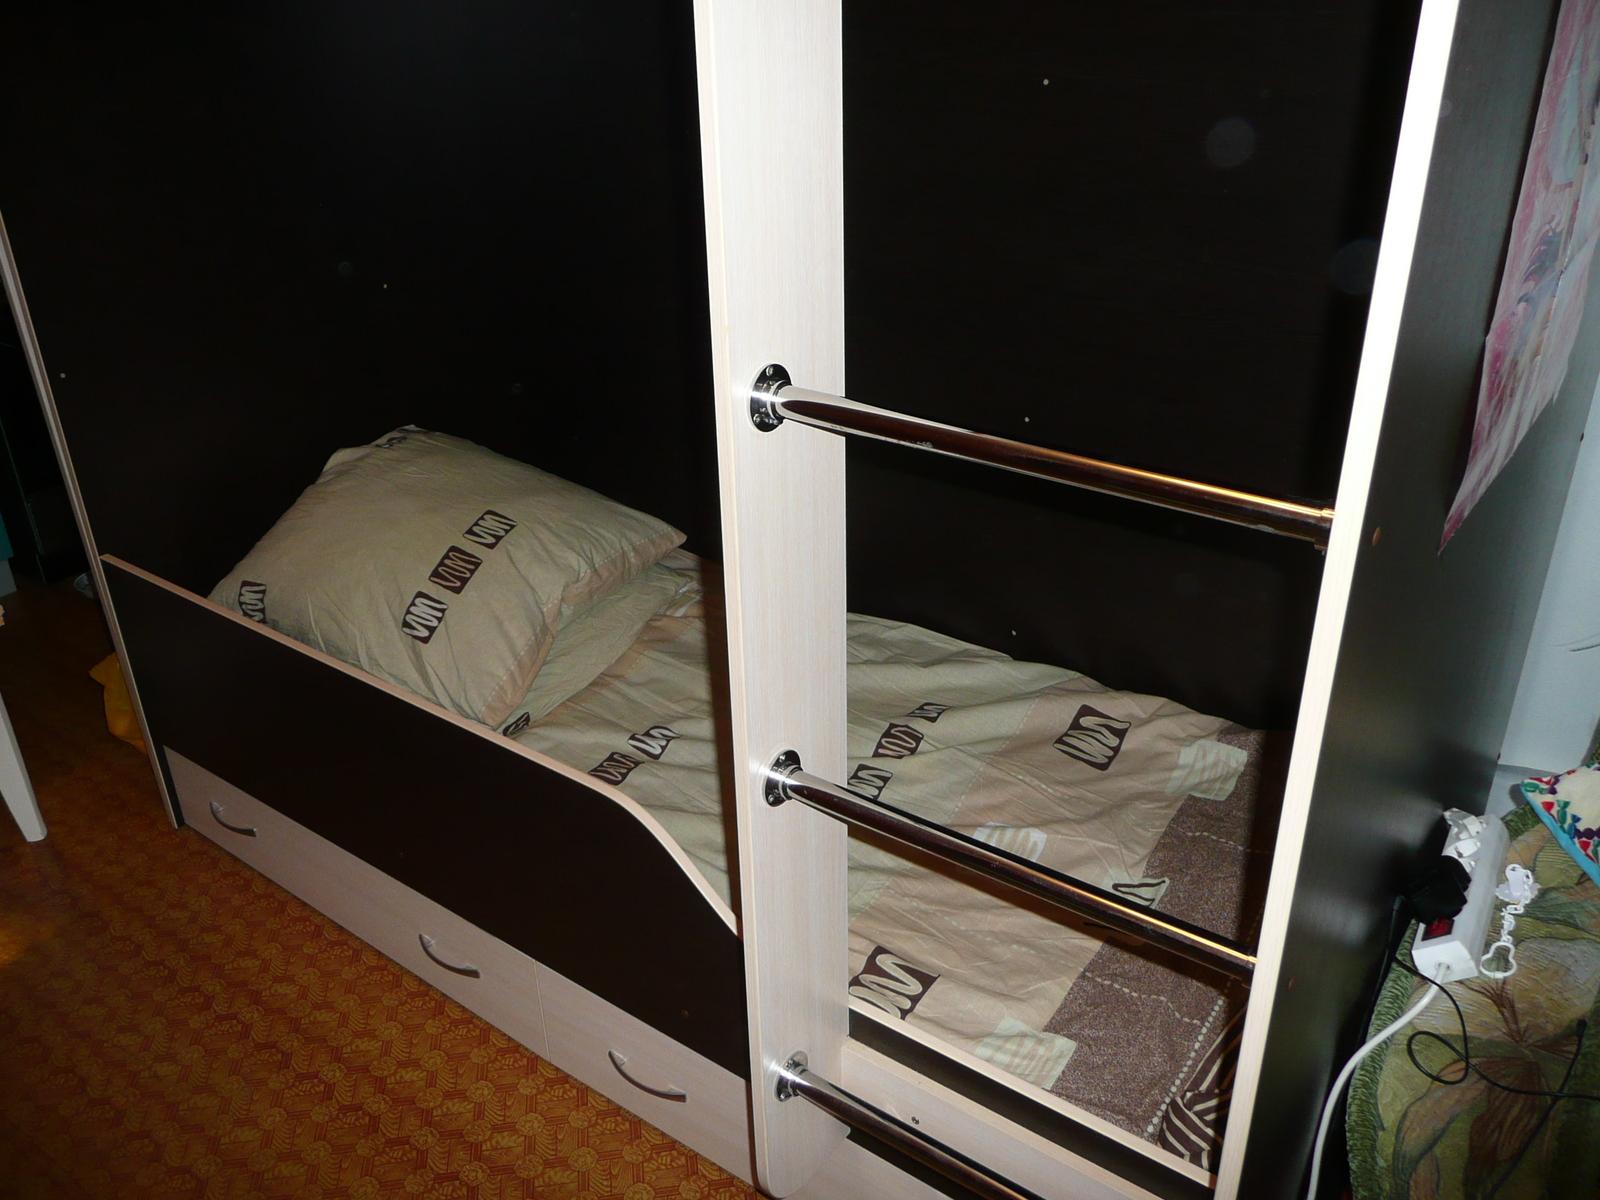 Продам 2-х ярусную кровать трансформер новую.  Отличной сборки.Нижний ярус от0 до .....Нижний ярус из натурального...